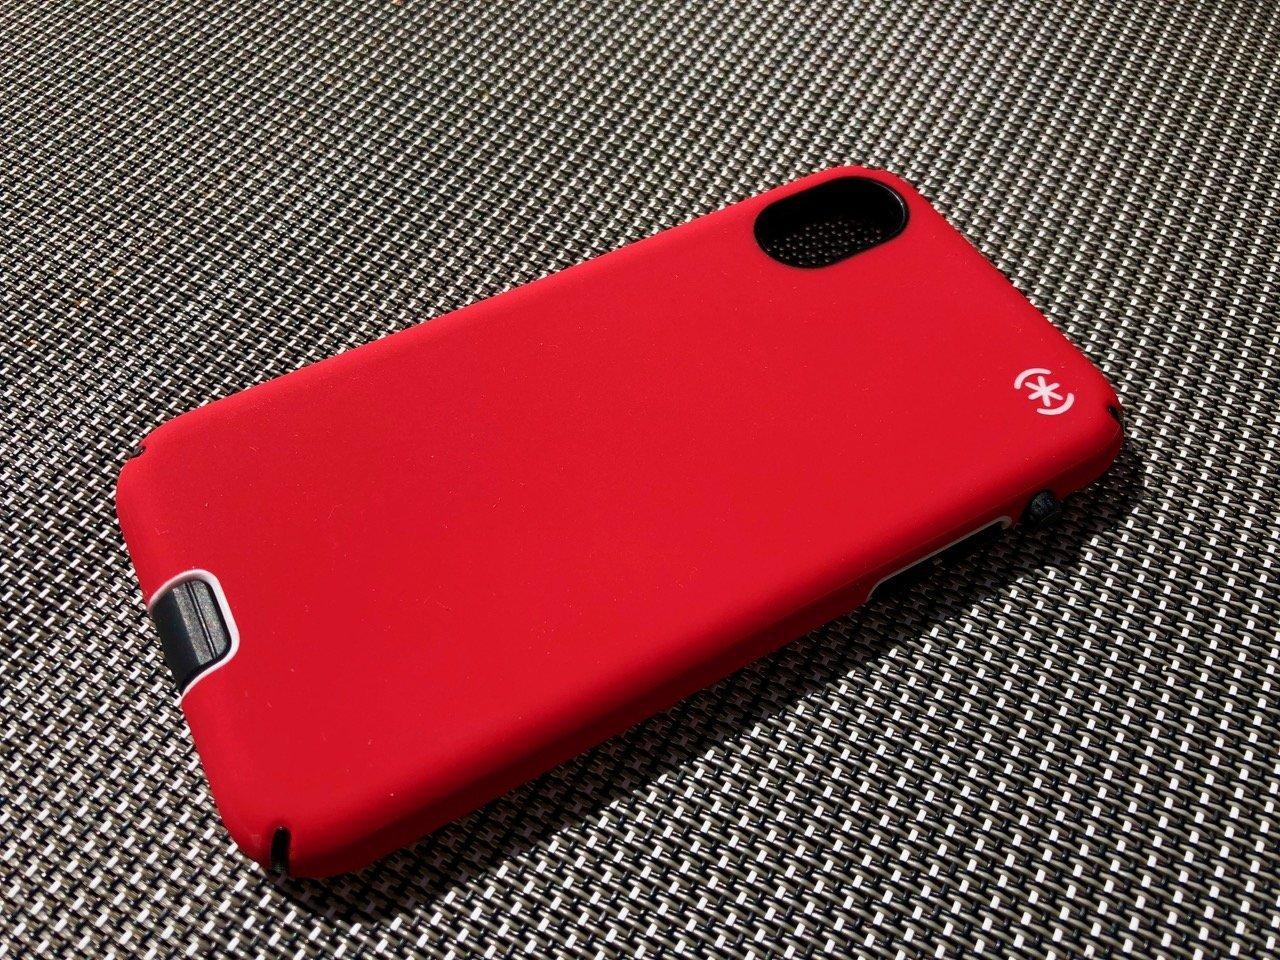 Neue Speck iPhone X Hüllen ausprobiert: Presidio Sport und Presidio Folio 2